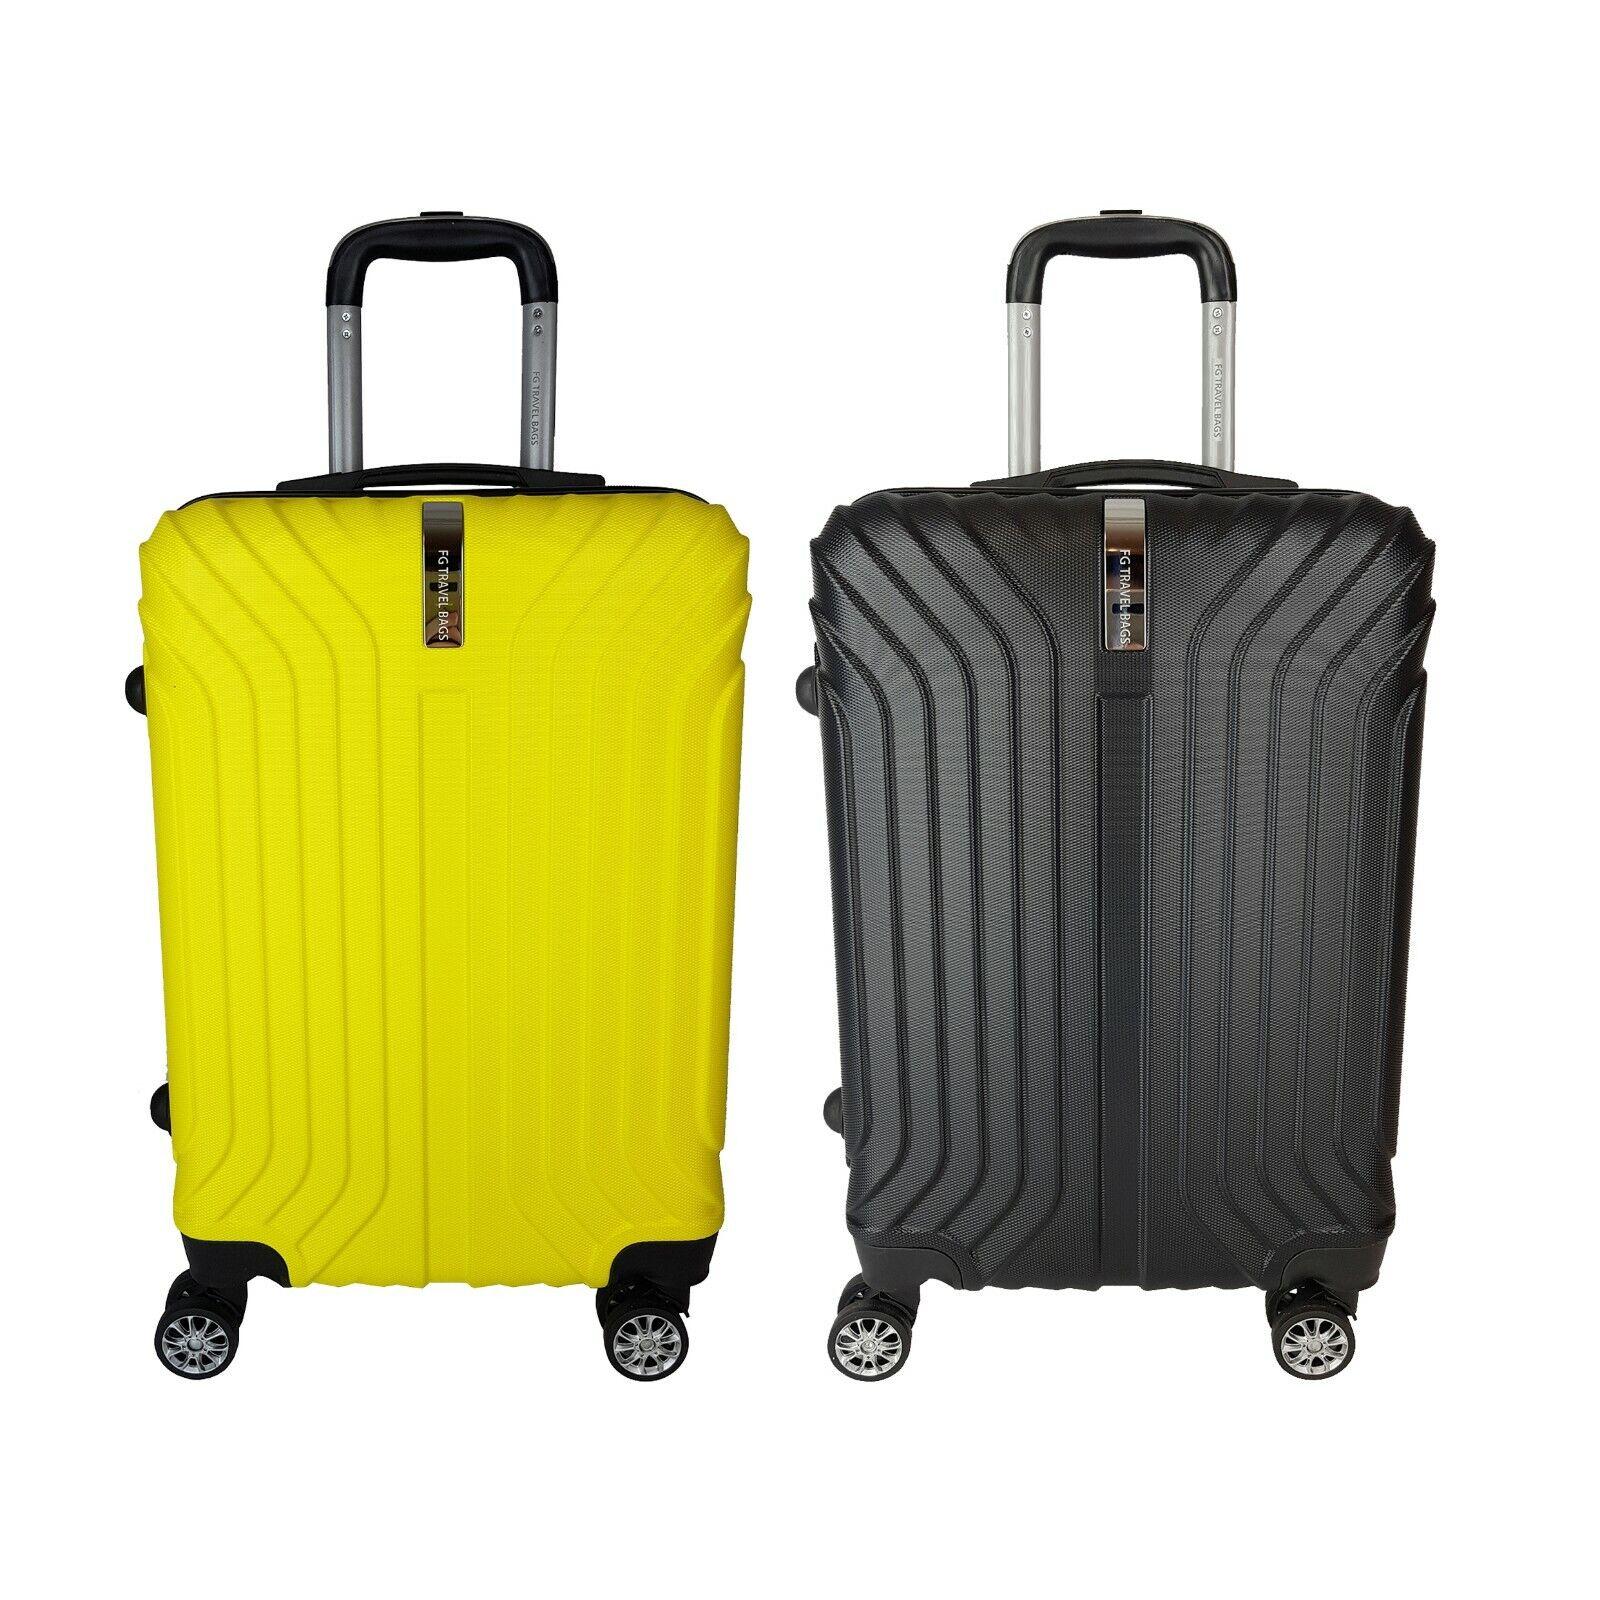 COPPIA Trolley Rigido ABS borsaaglio a uomoo Piccolo FG TRAVEL borsaS Gituttio e Nero